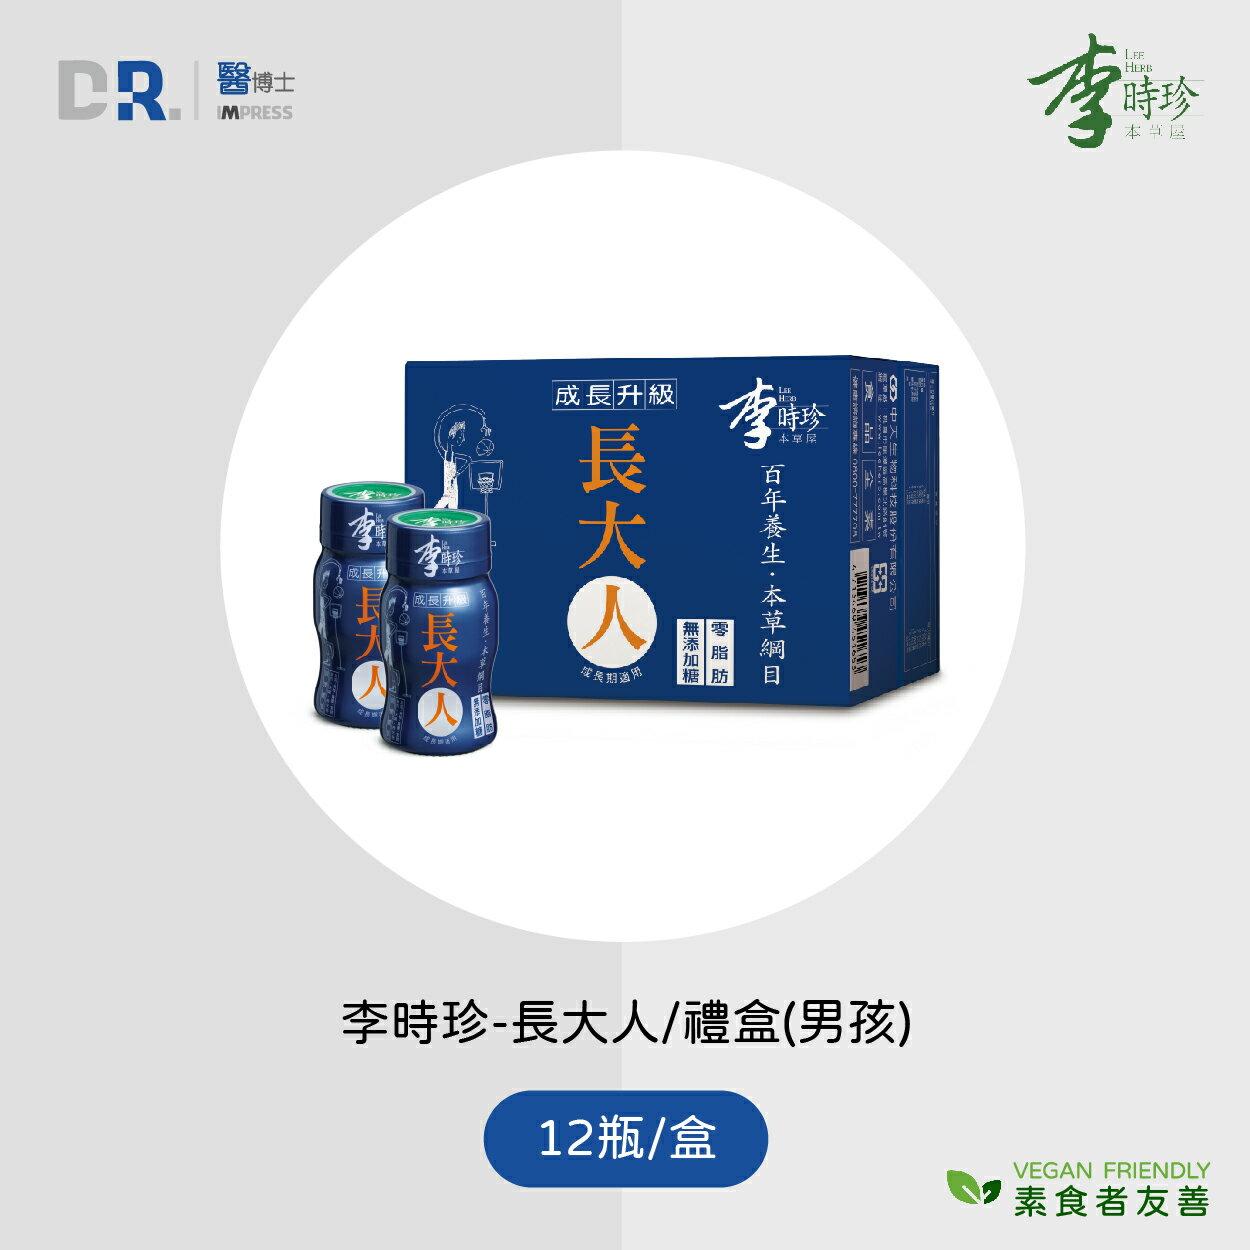 【醫博士】(免運)李時珍-本草屋長大人(男孩版)50mlx12瓶/盒